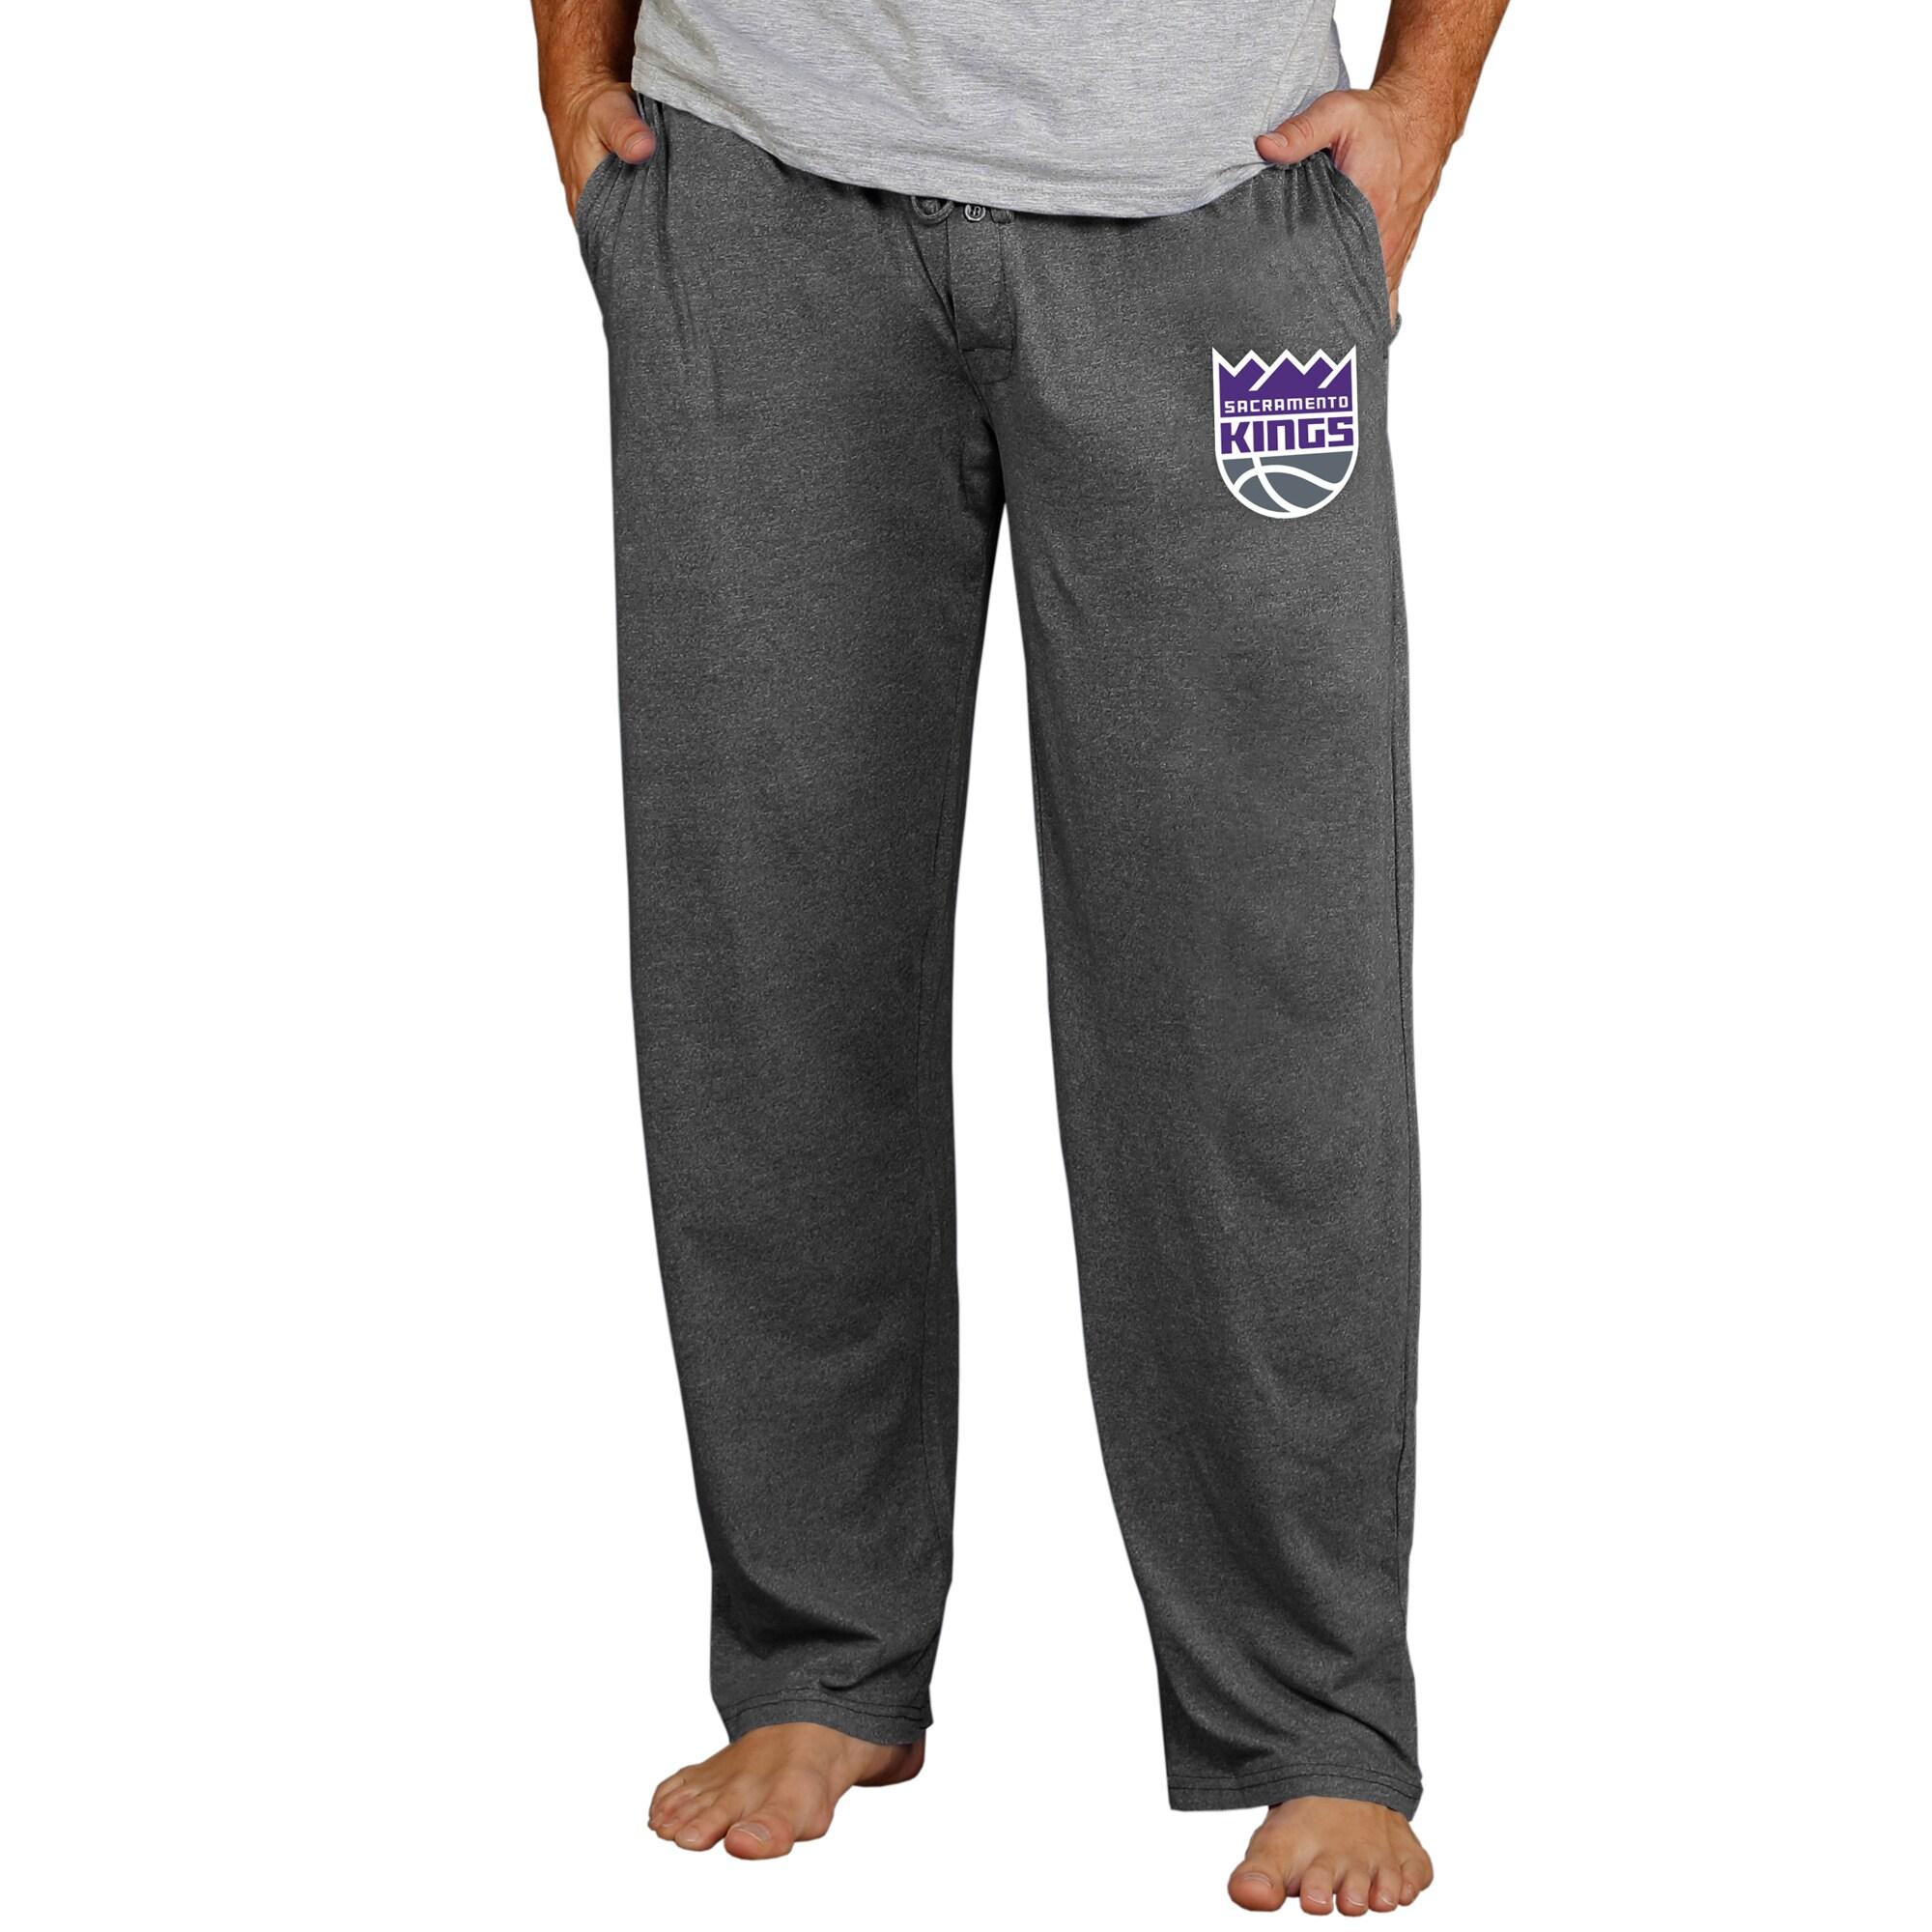 Sacramento Kings Concepts Sport Quest Knit Lounge Pants - Charcoal